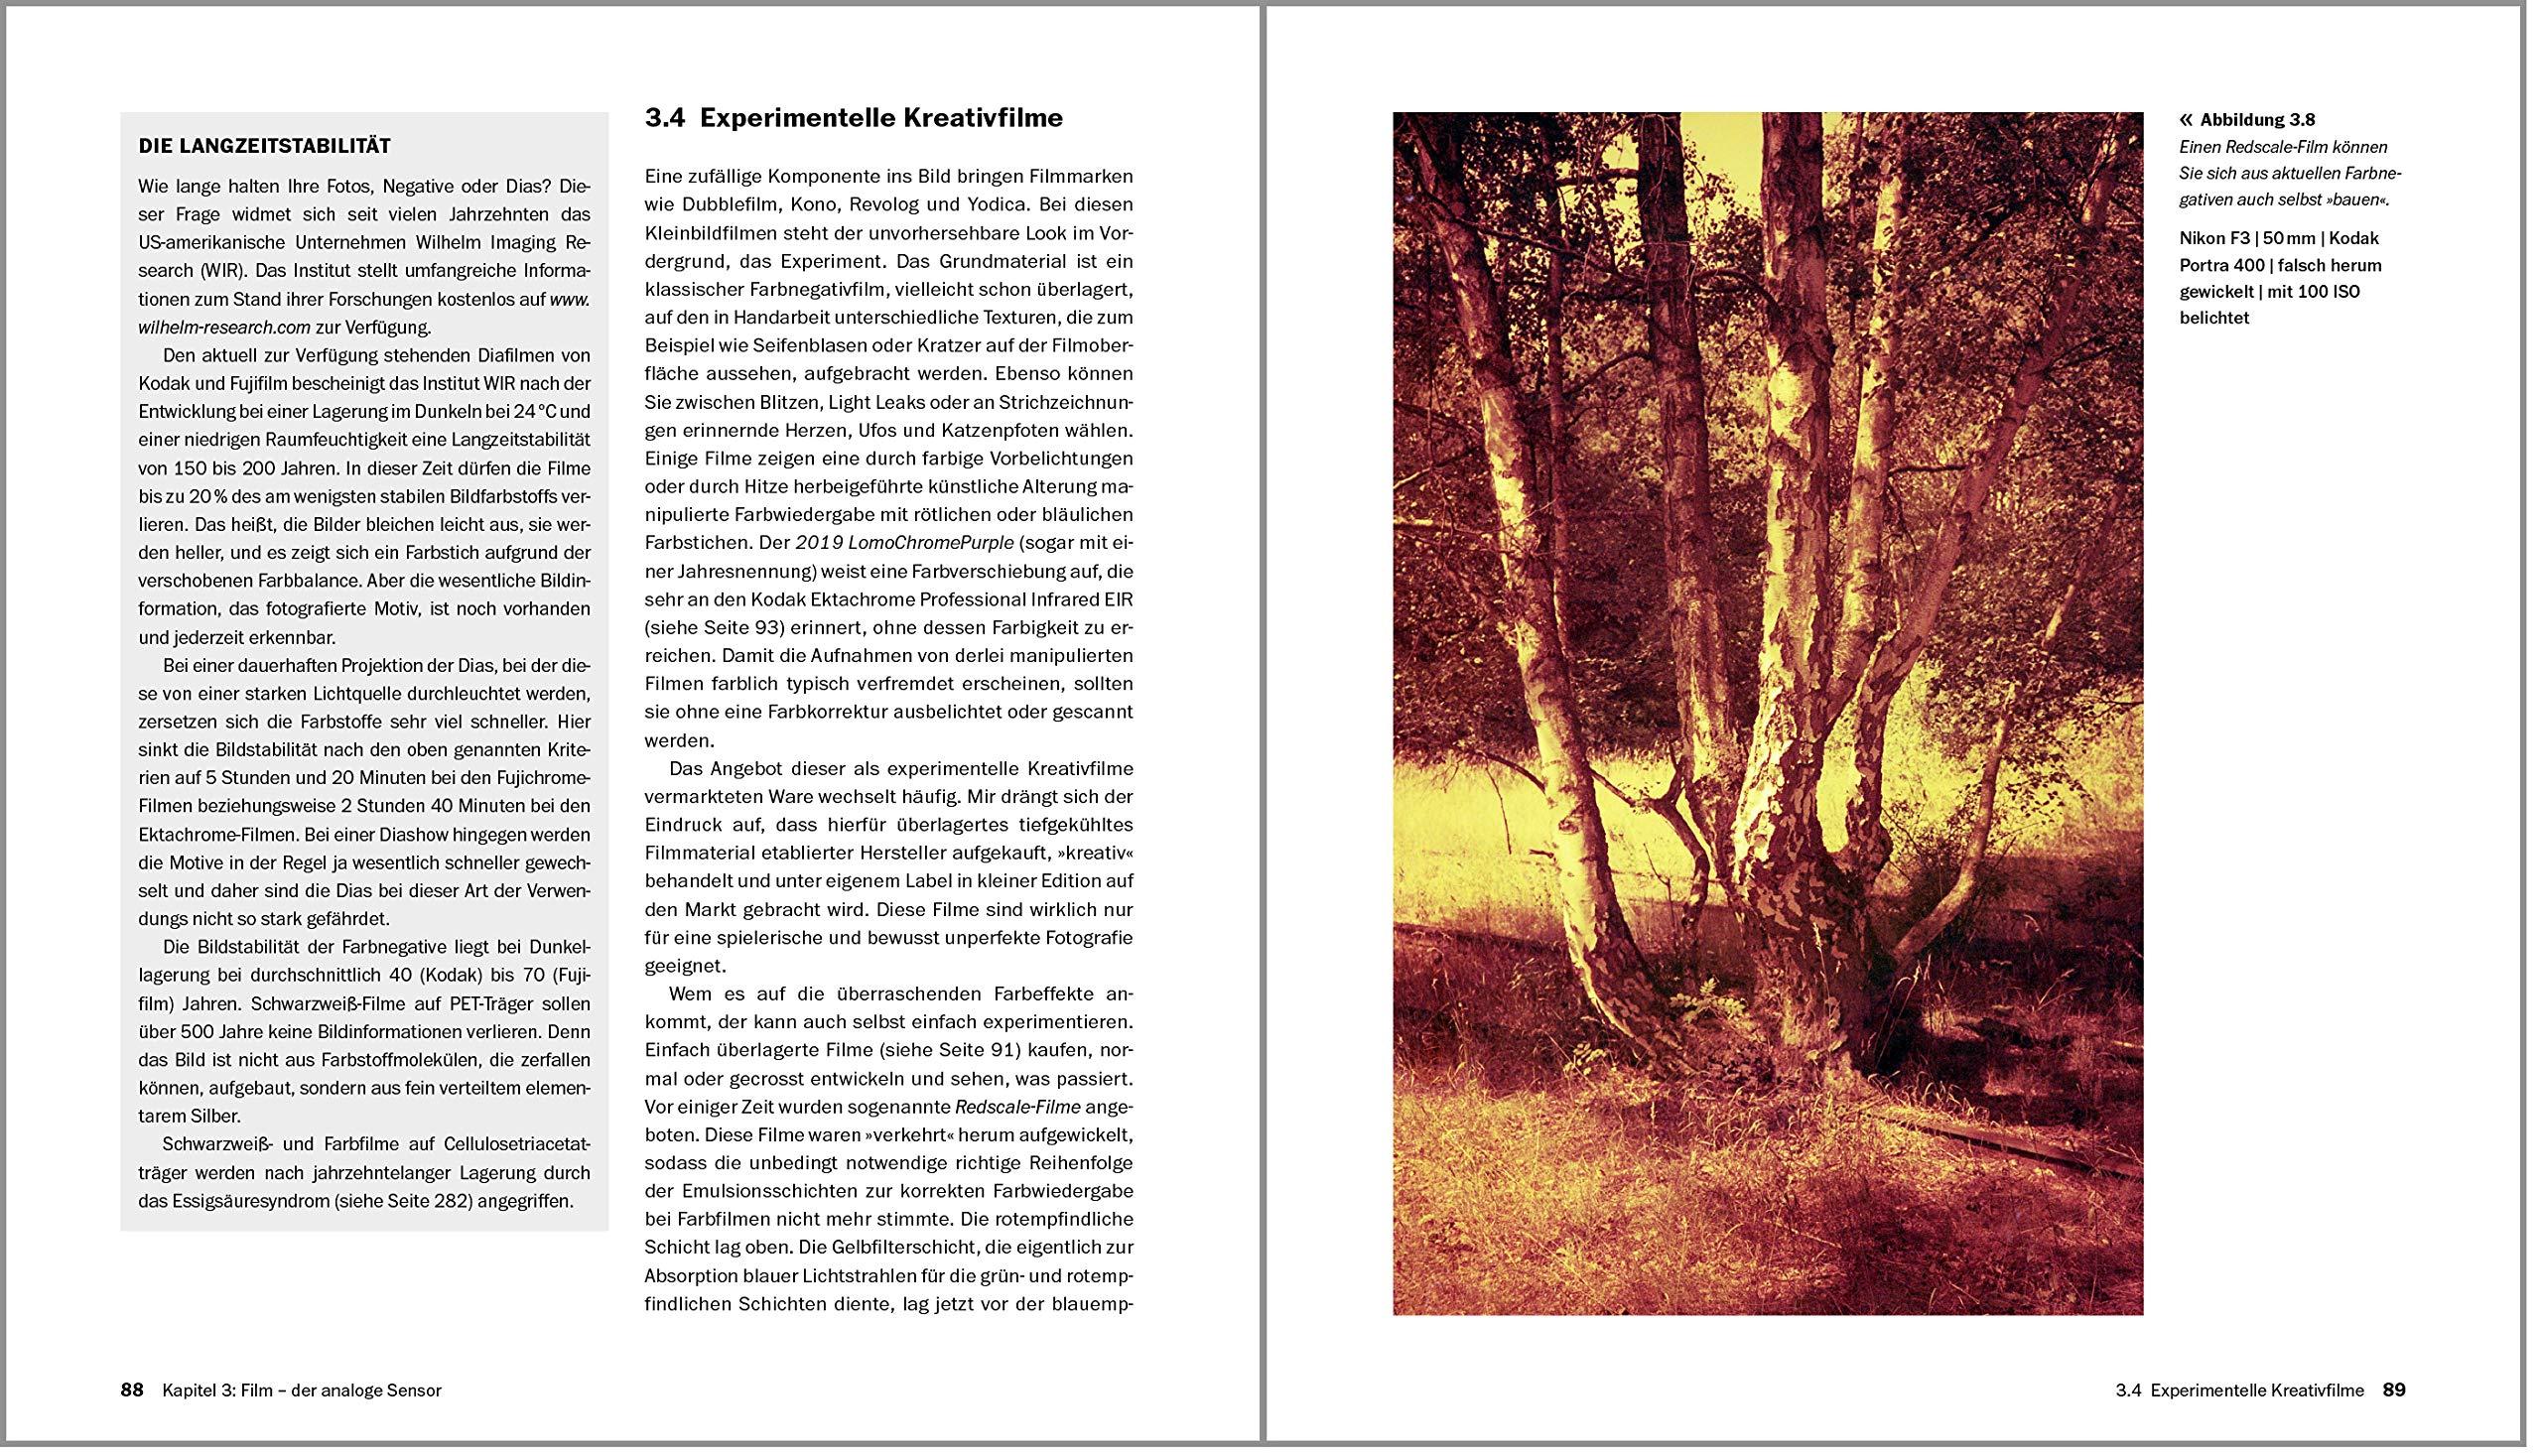 Analoge Fotografie Kameras Und Objektive Ausrüstung Und Material Entwicklung Und Inspiration Giogoli André Bücher